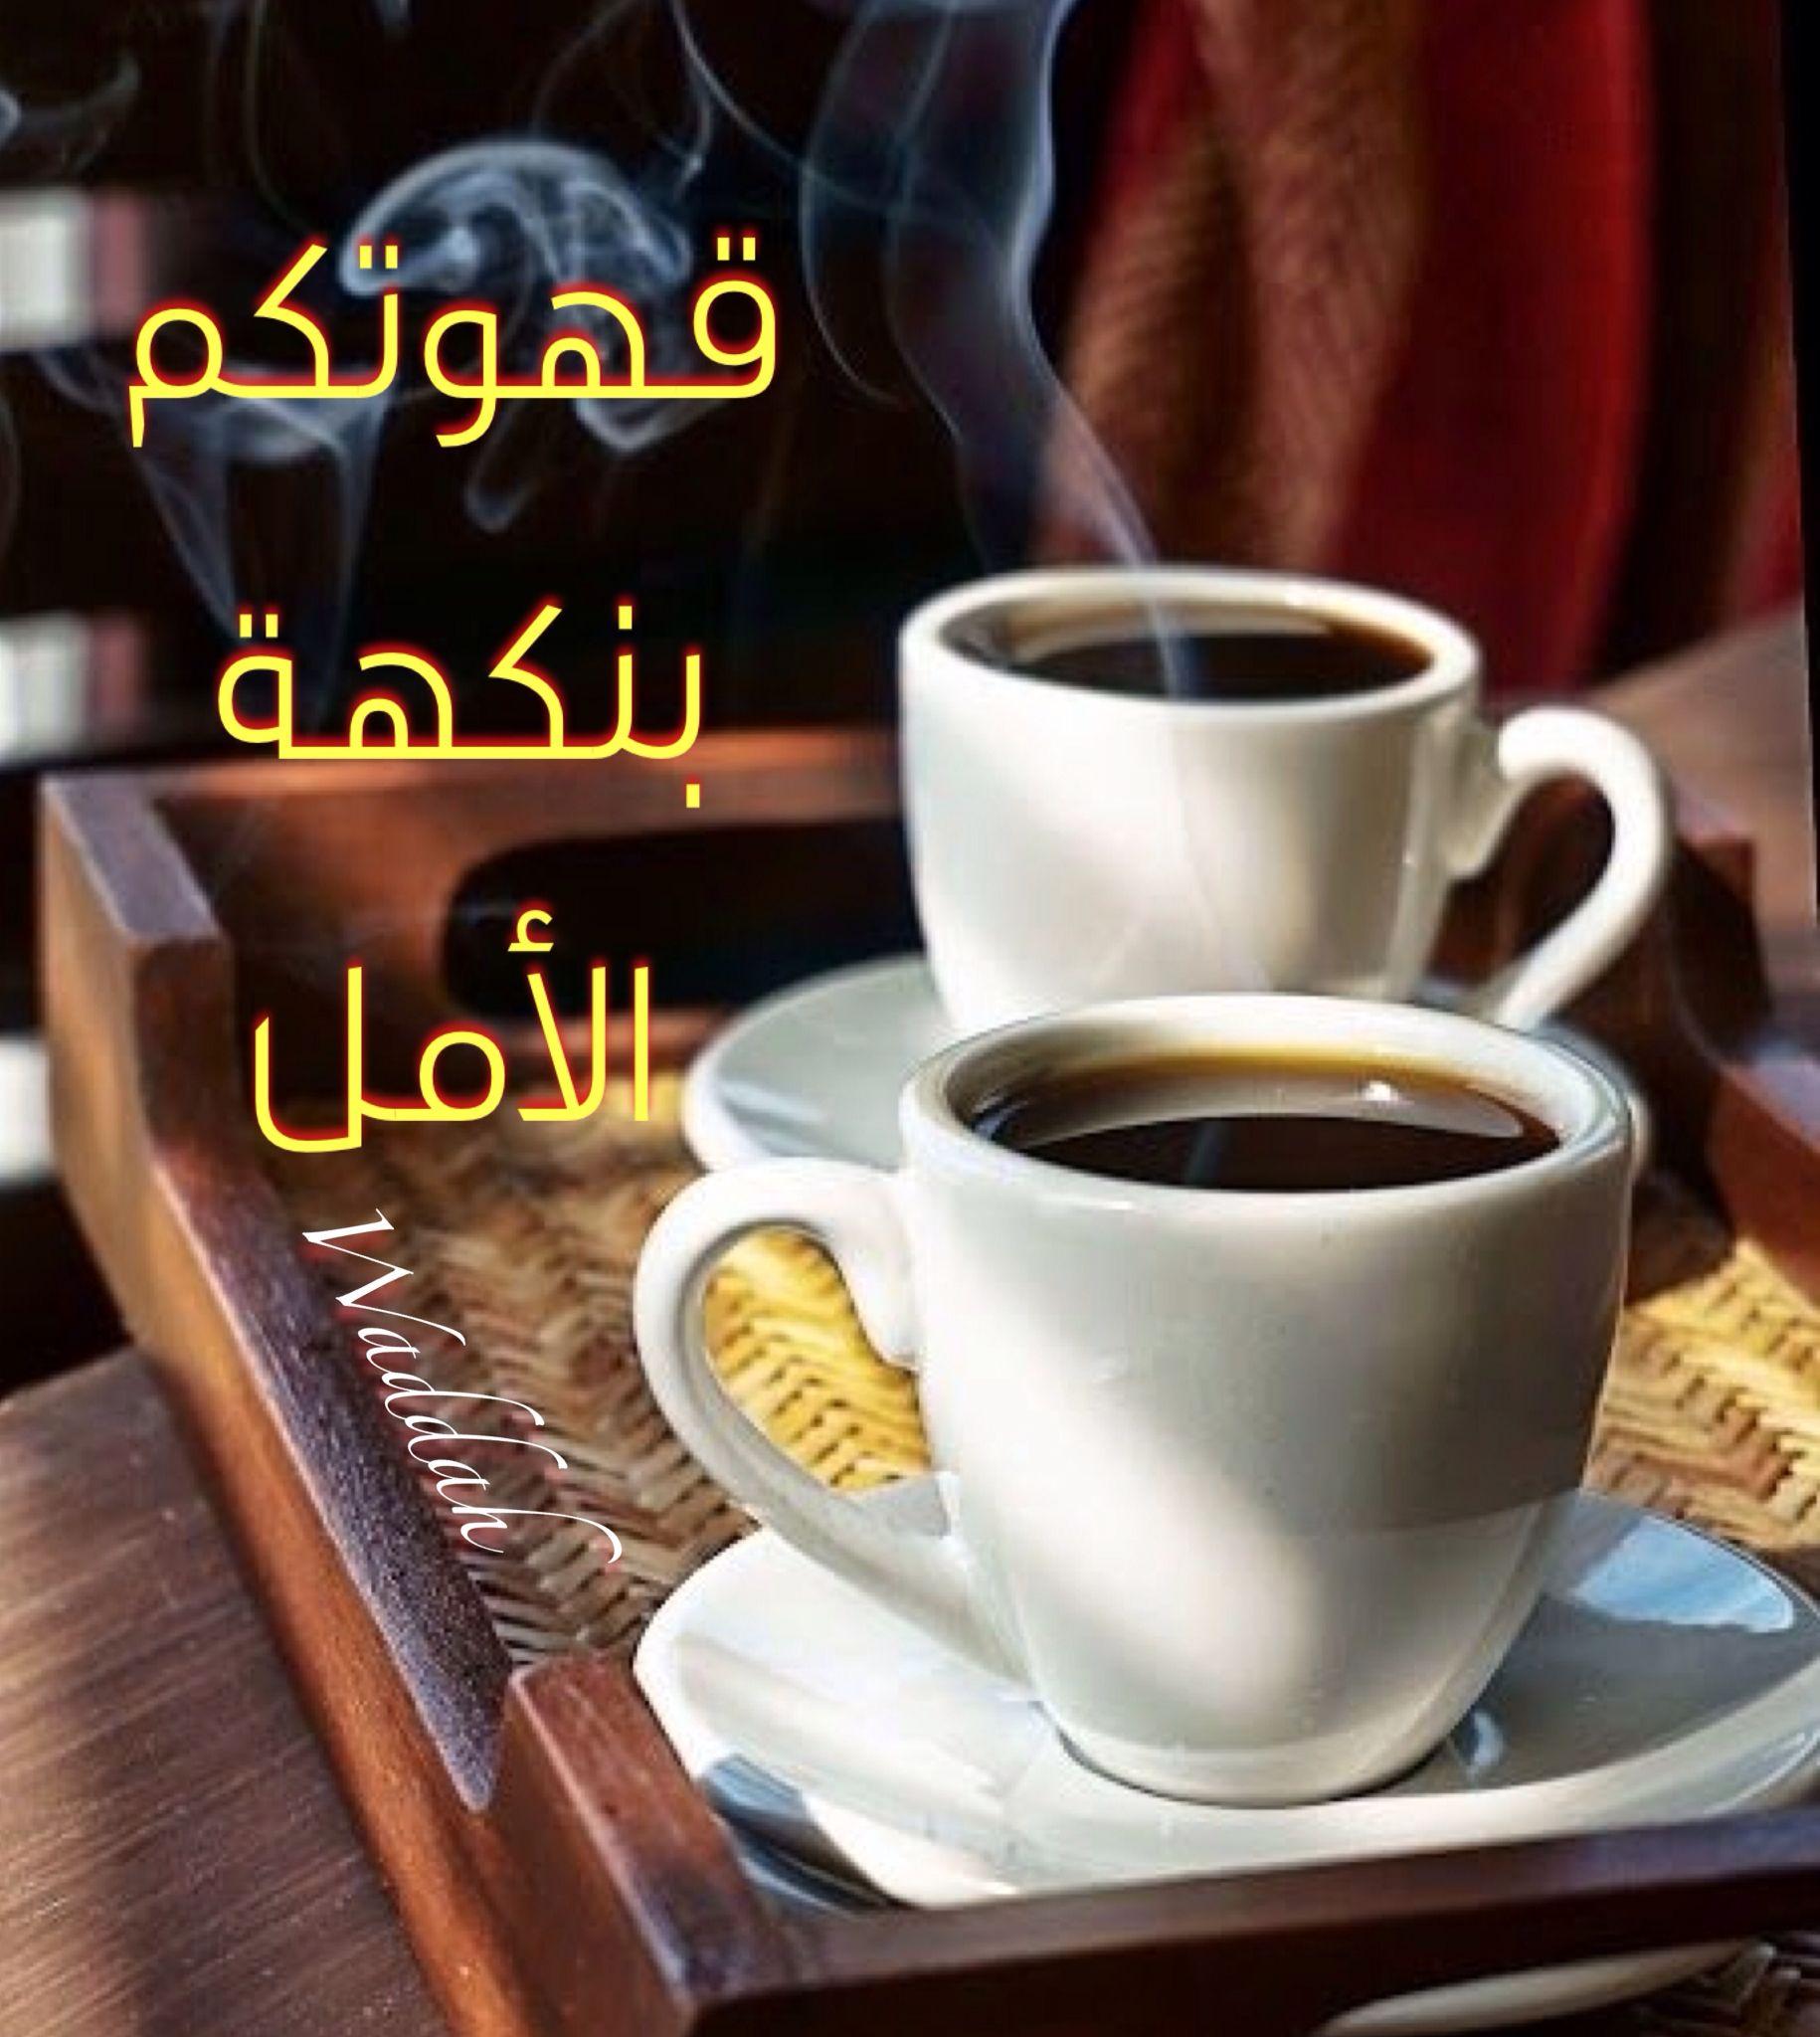 بالصور احلى صباح الخير , احلي صباح مع احلي فنجان قهوة 3873 1